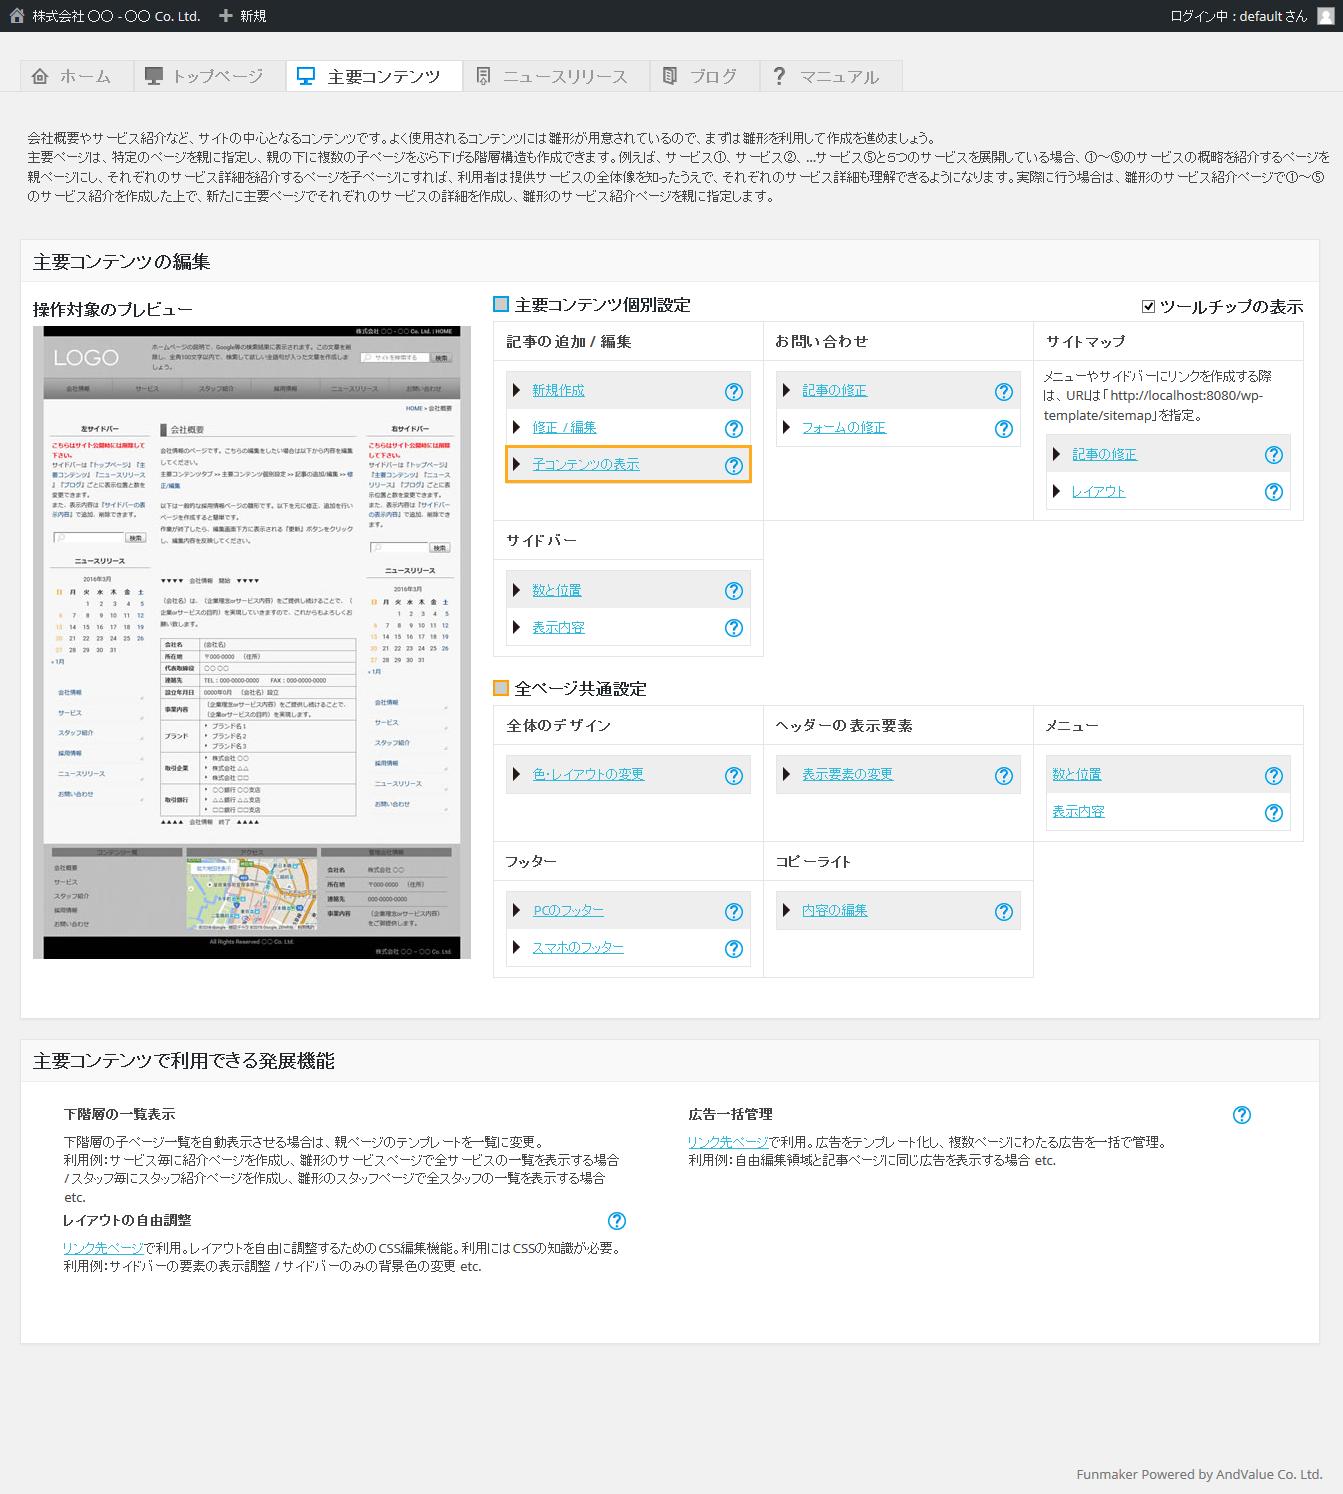 子コンテンツのレイアウト設定 - 簡単格安ホームページ作成会社 -FunMaker